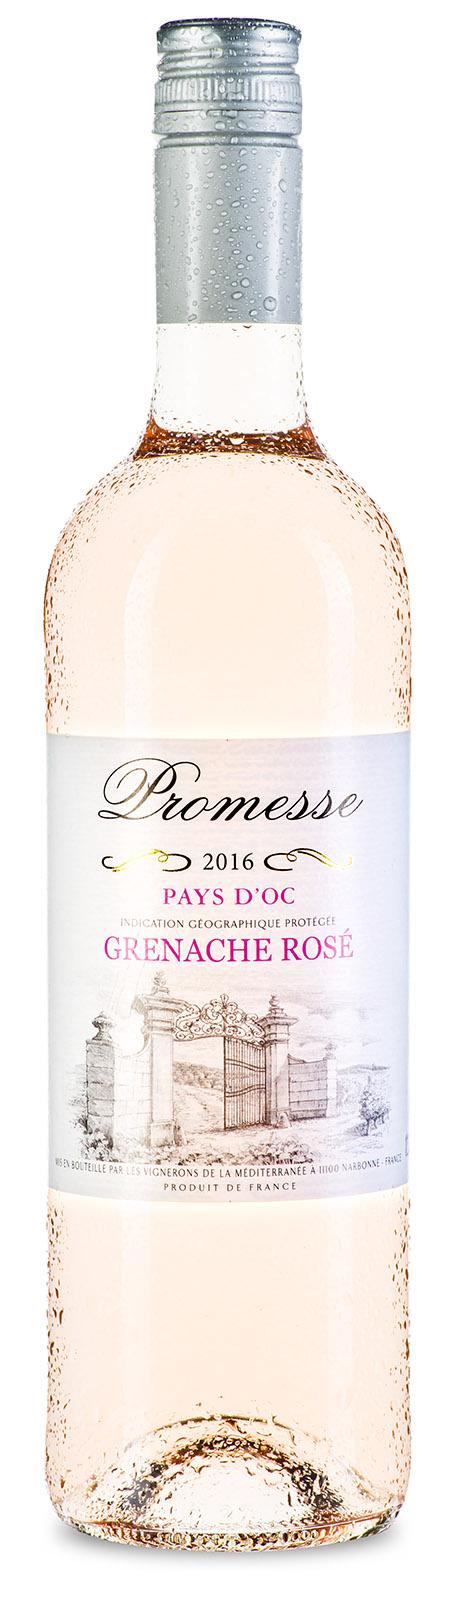 Promesse Grenache Rose